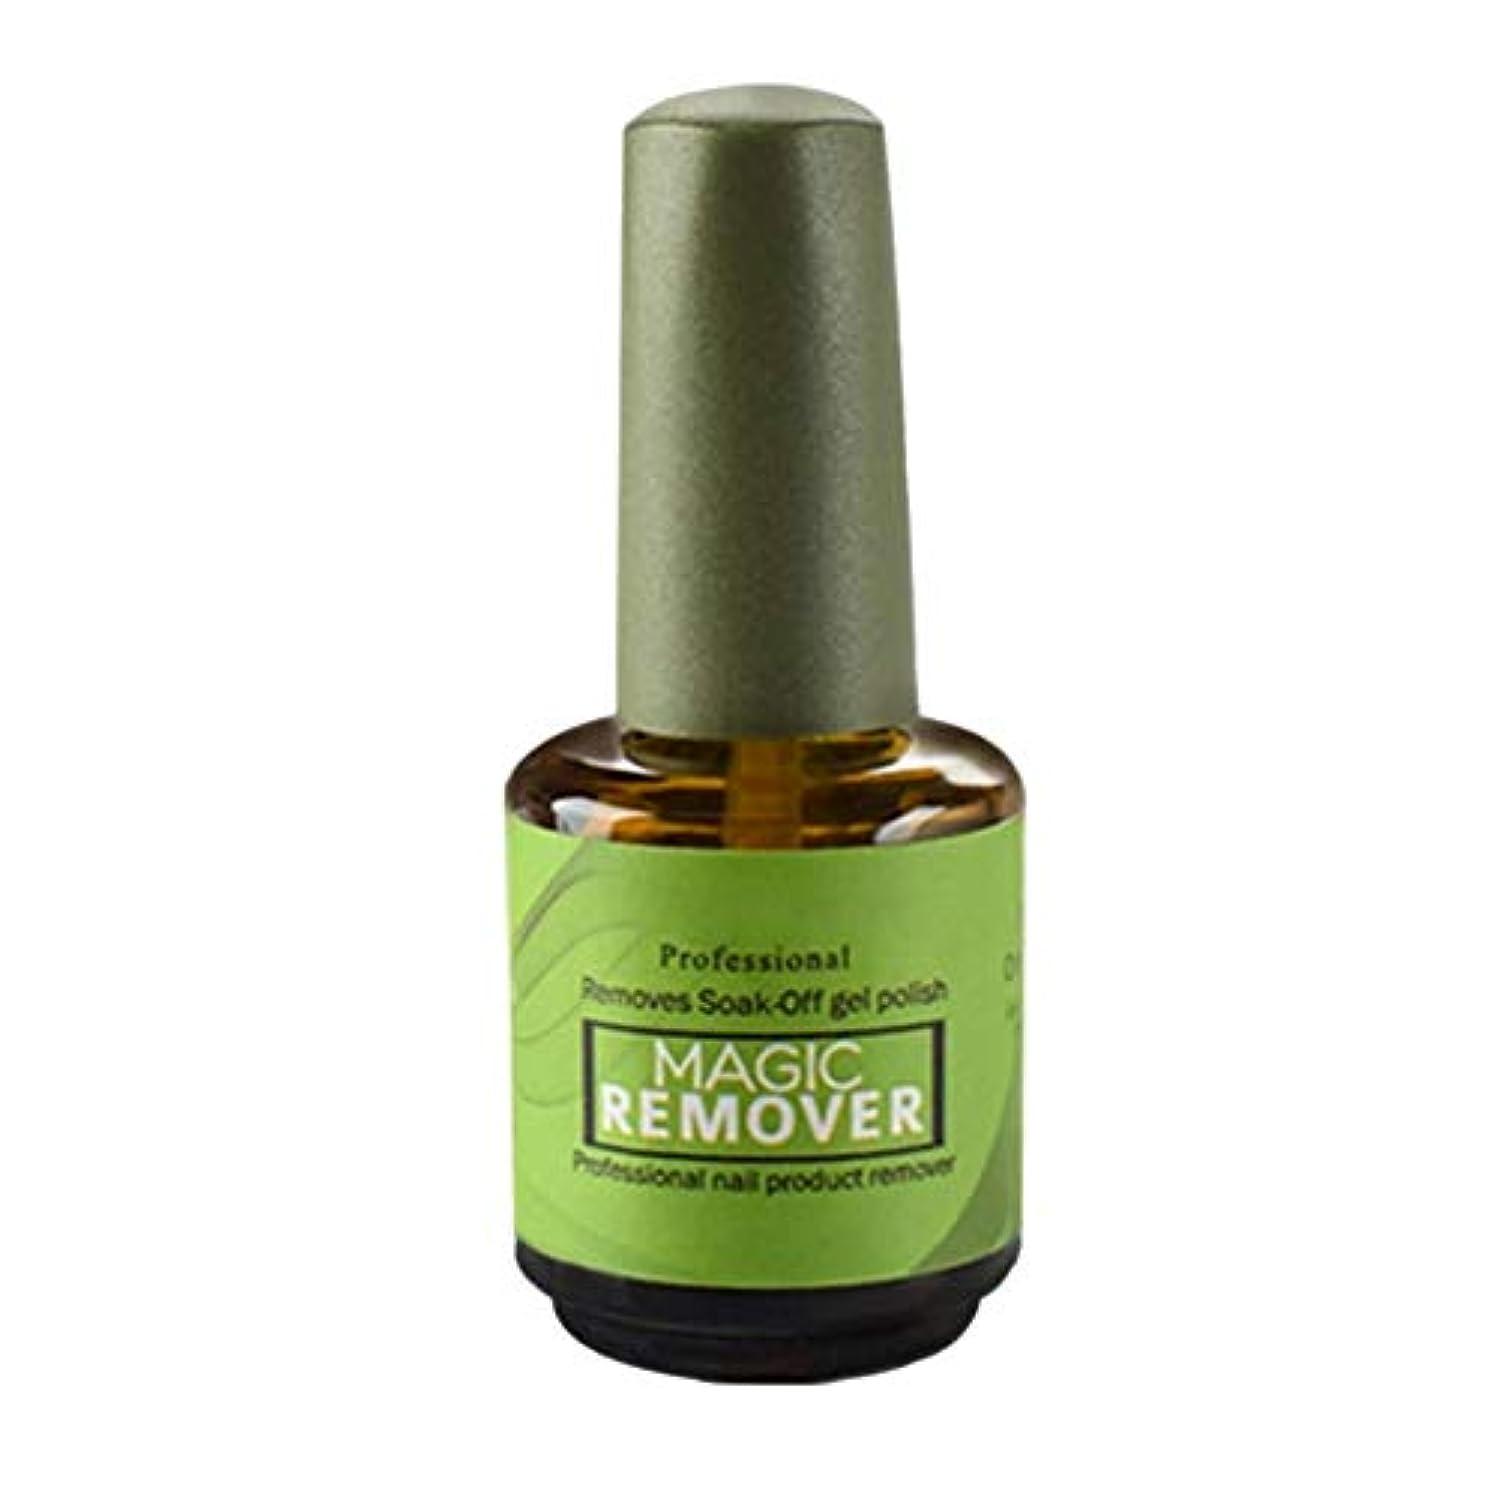 理由反対立ち向かうLambowo マジックリムーバーがネイルポリッシュを拭き取ると、ジェルプロフェッショナルバーストクリーン脱脂剤が除去されます